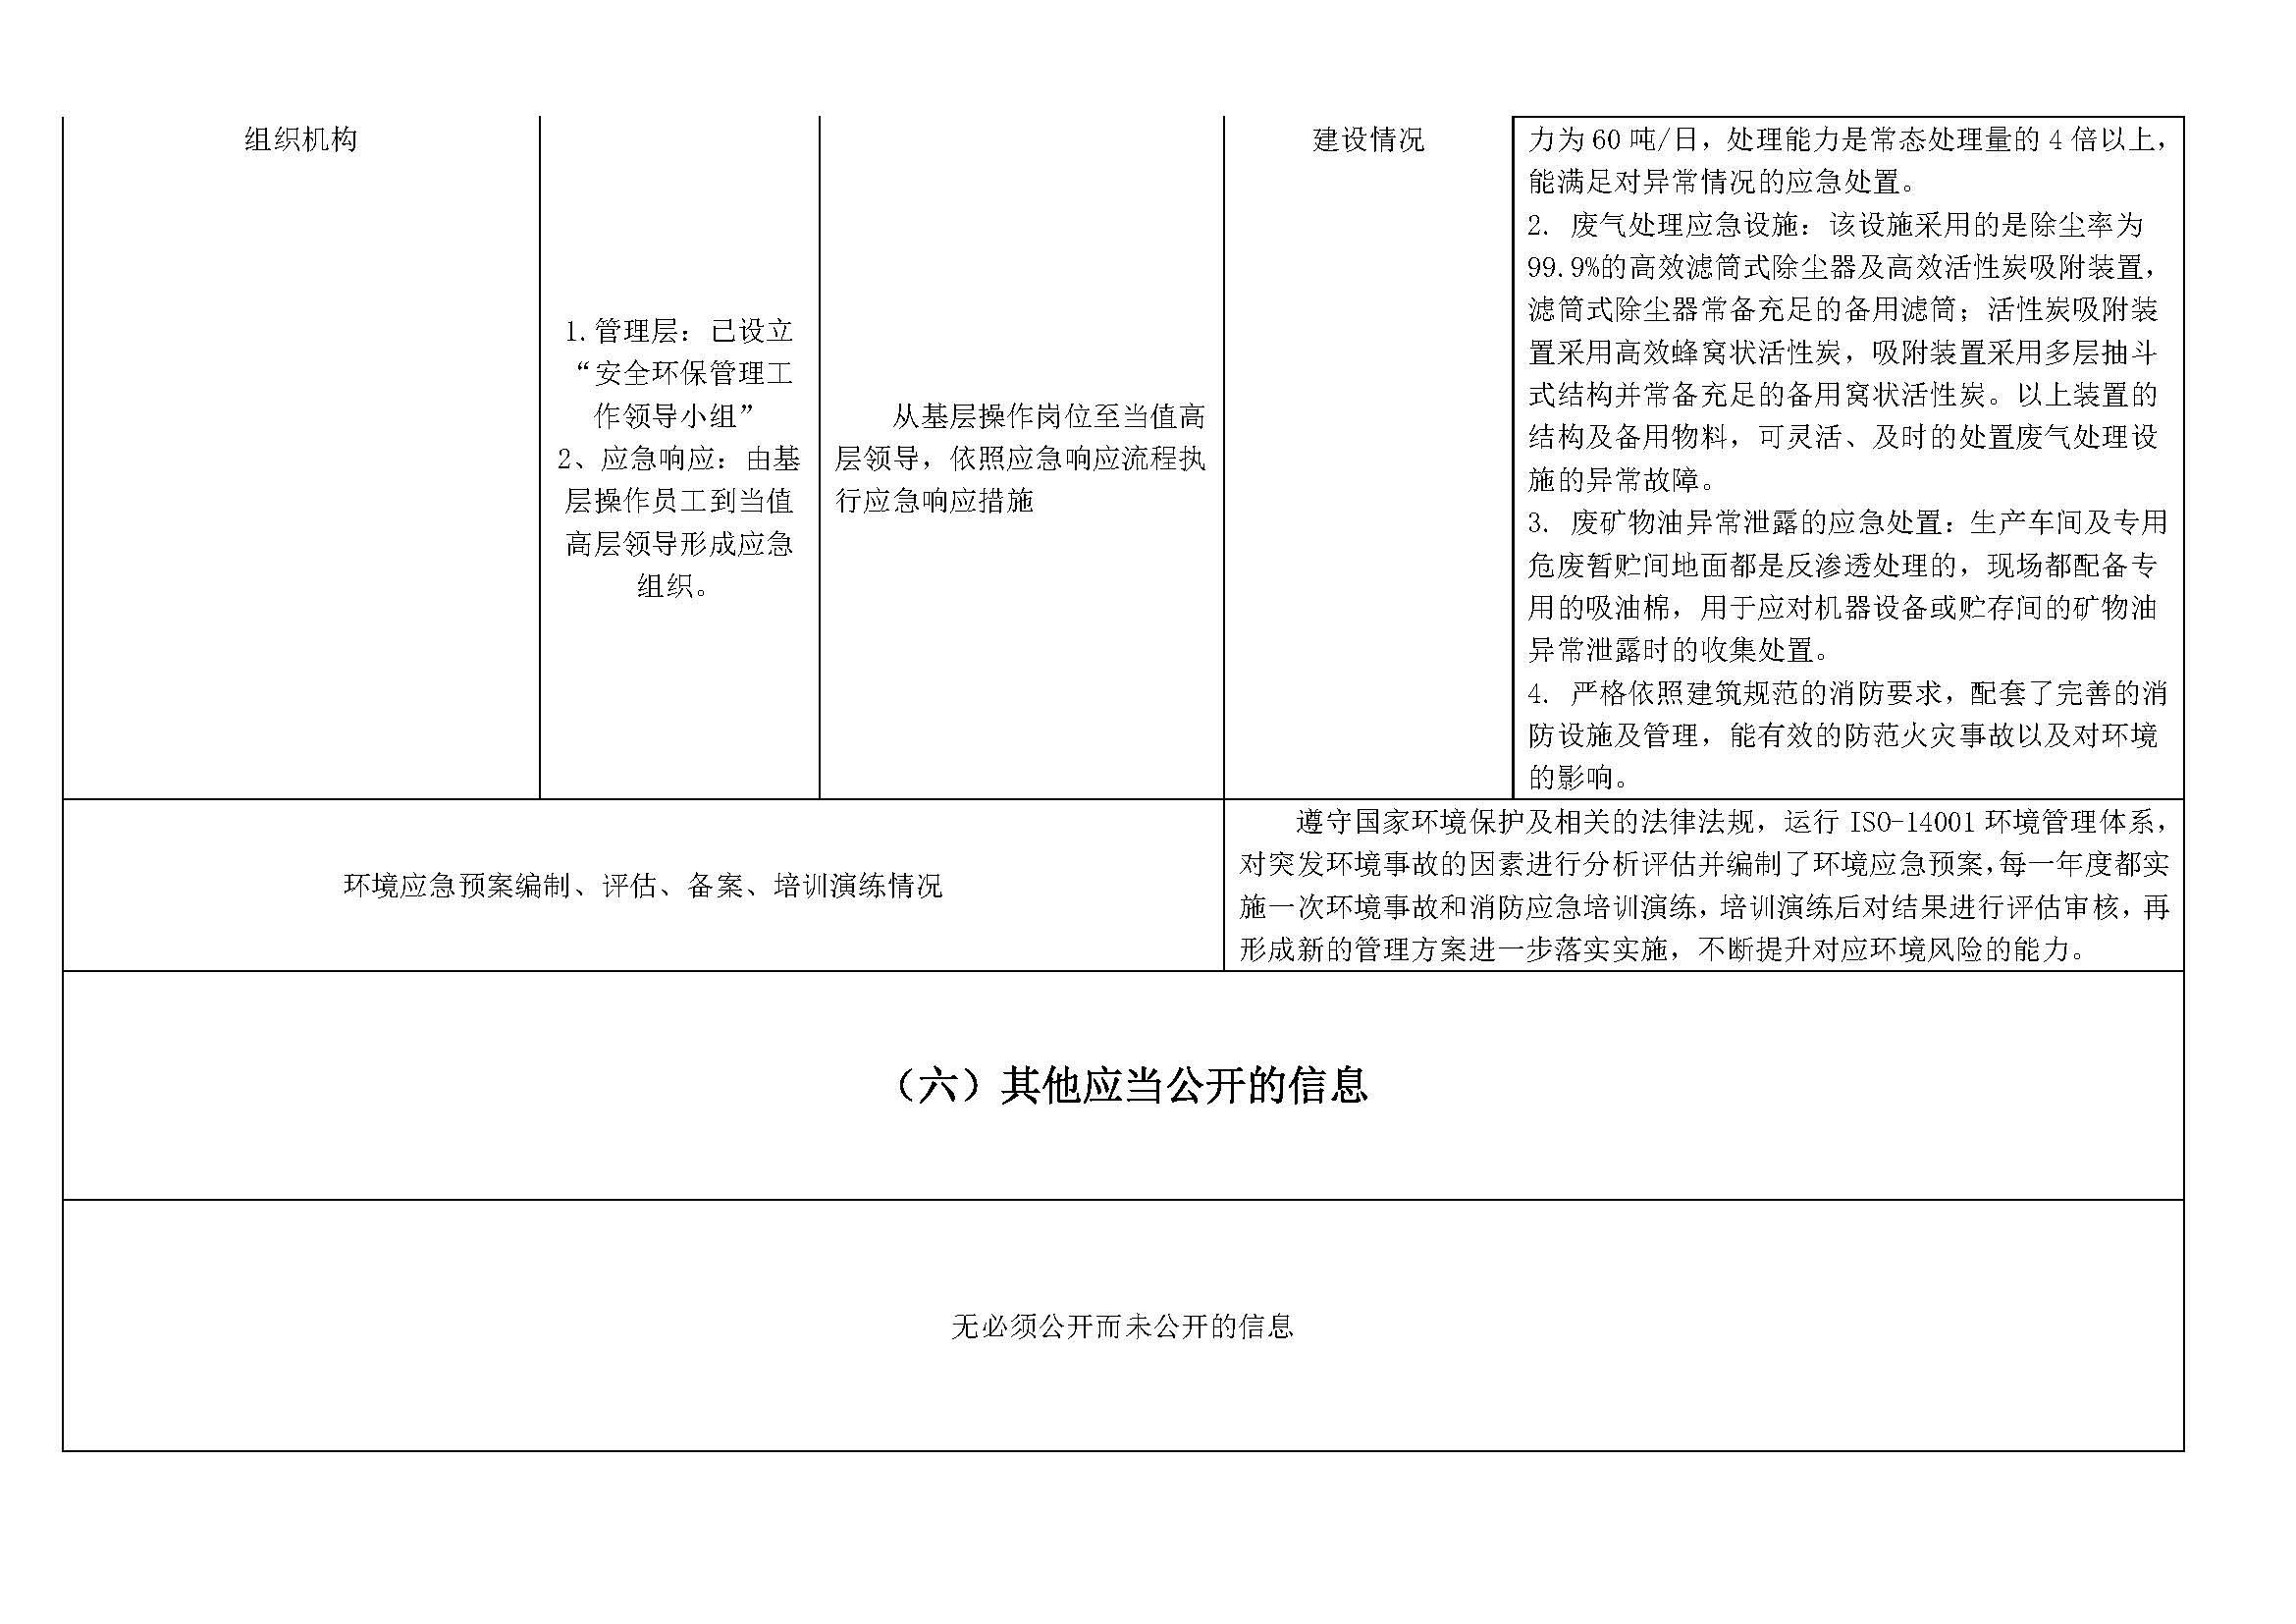 重点排污单位信息公开情况表(2020年度公示版美联路)_页面_4(1).jpg